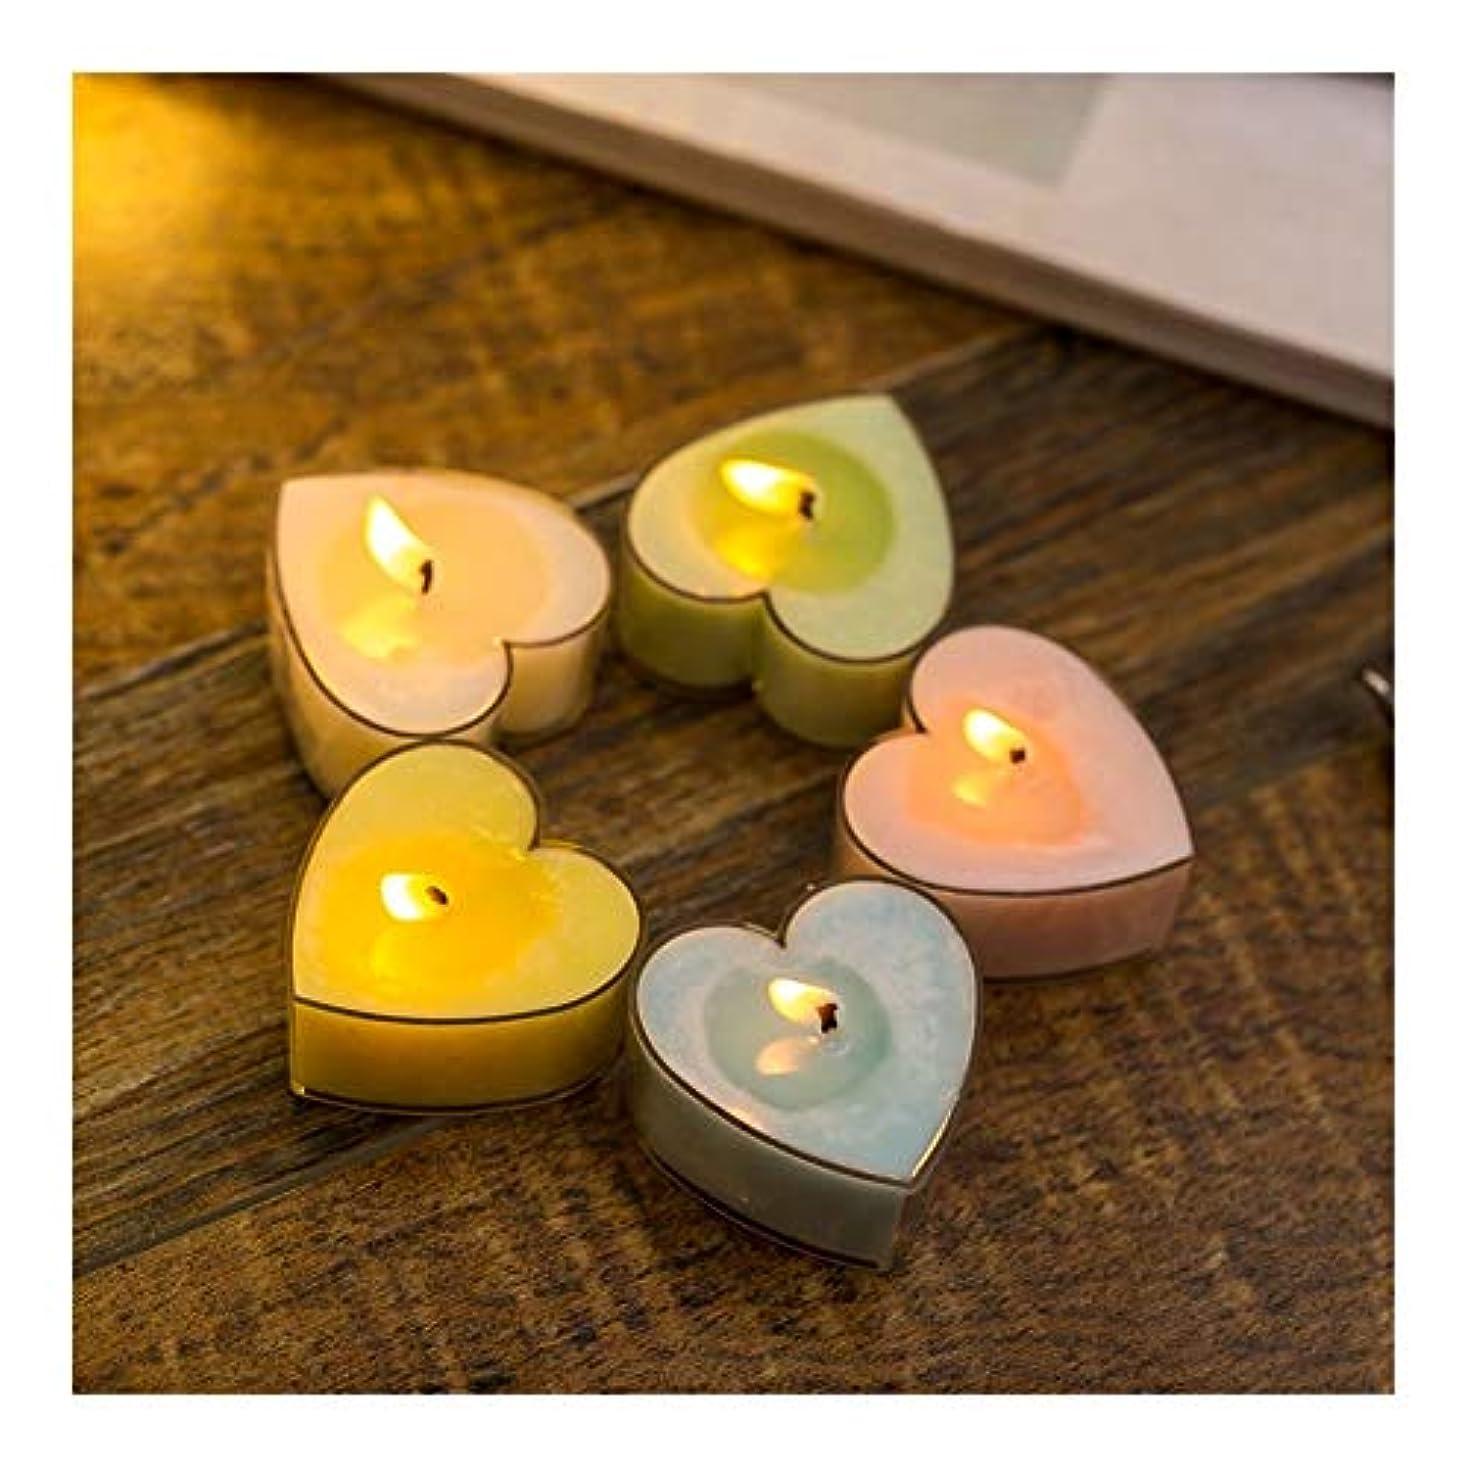 収束ビデオ殺人Ztian 家の多彩なモモの中心の香料入りの蝋燭のカップルの悪いギフトの小さい蝋燭 (色 : Marriage)